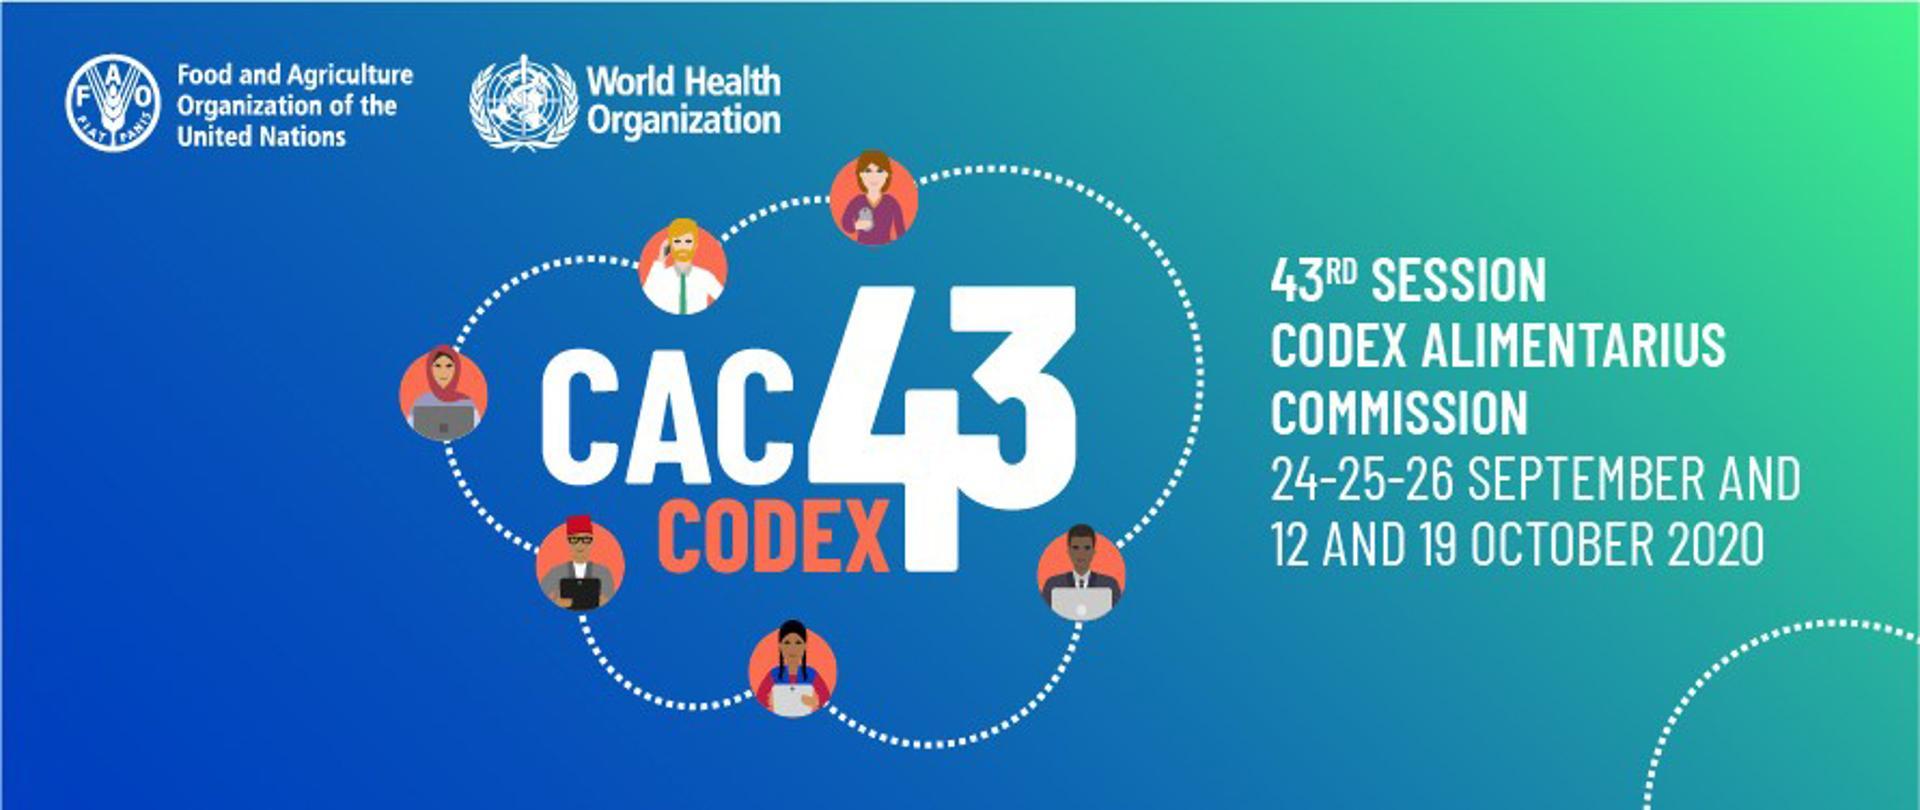 43. Sesja Komisji Kodeksu Żywnościowego FAO/WHO